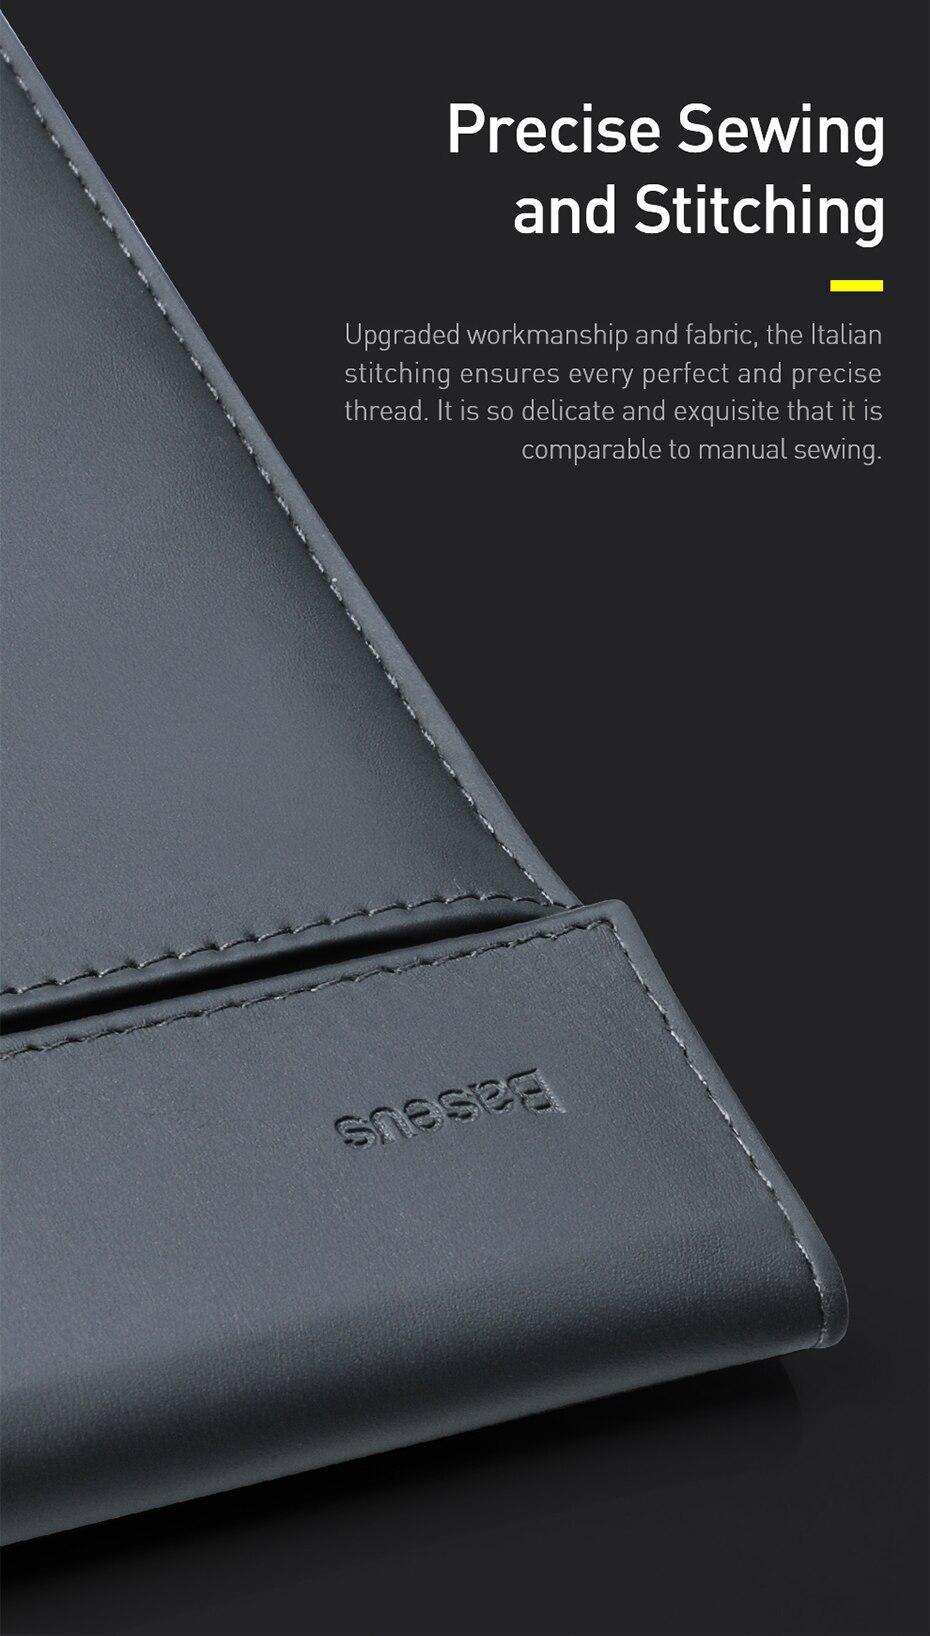 Túi đựng máy tính Baseus Let's go cho Macbook Air Macbook Pro Xiaomi Air 13 Dell Lenovo 13 inch